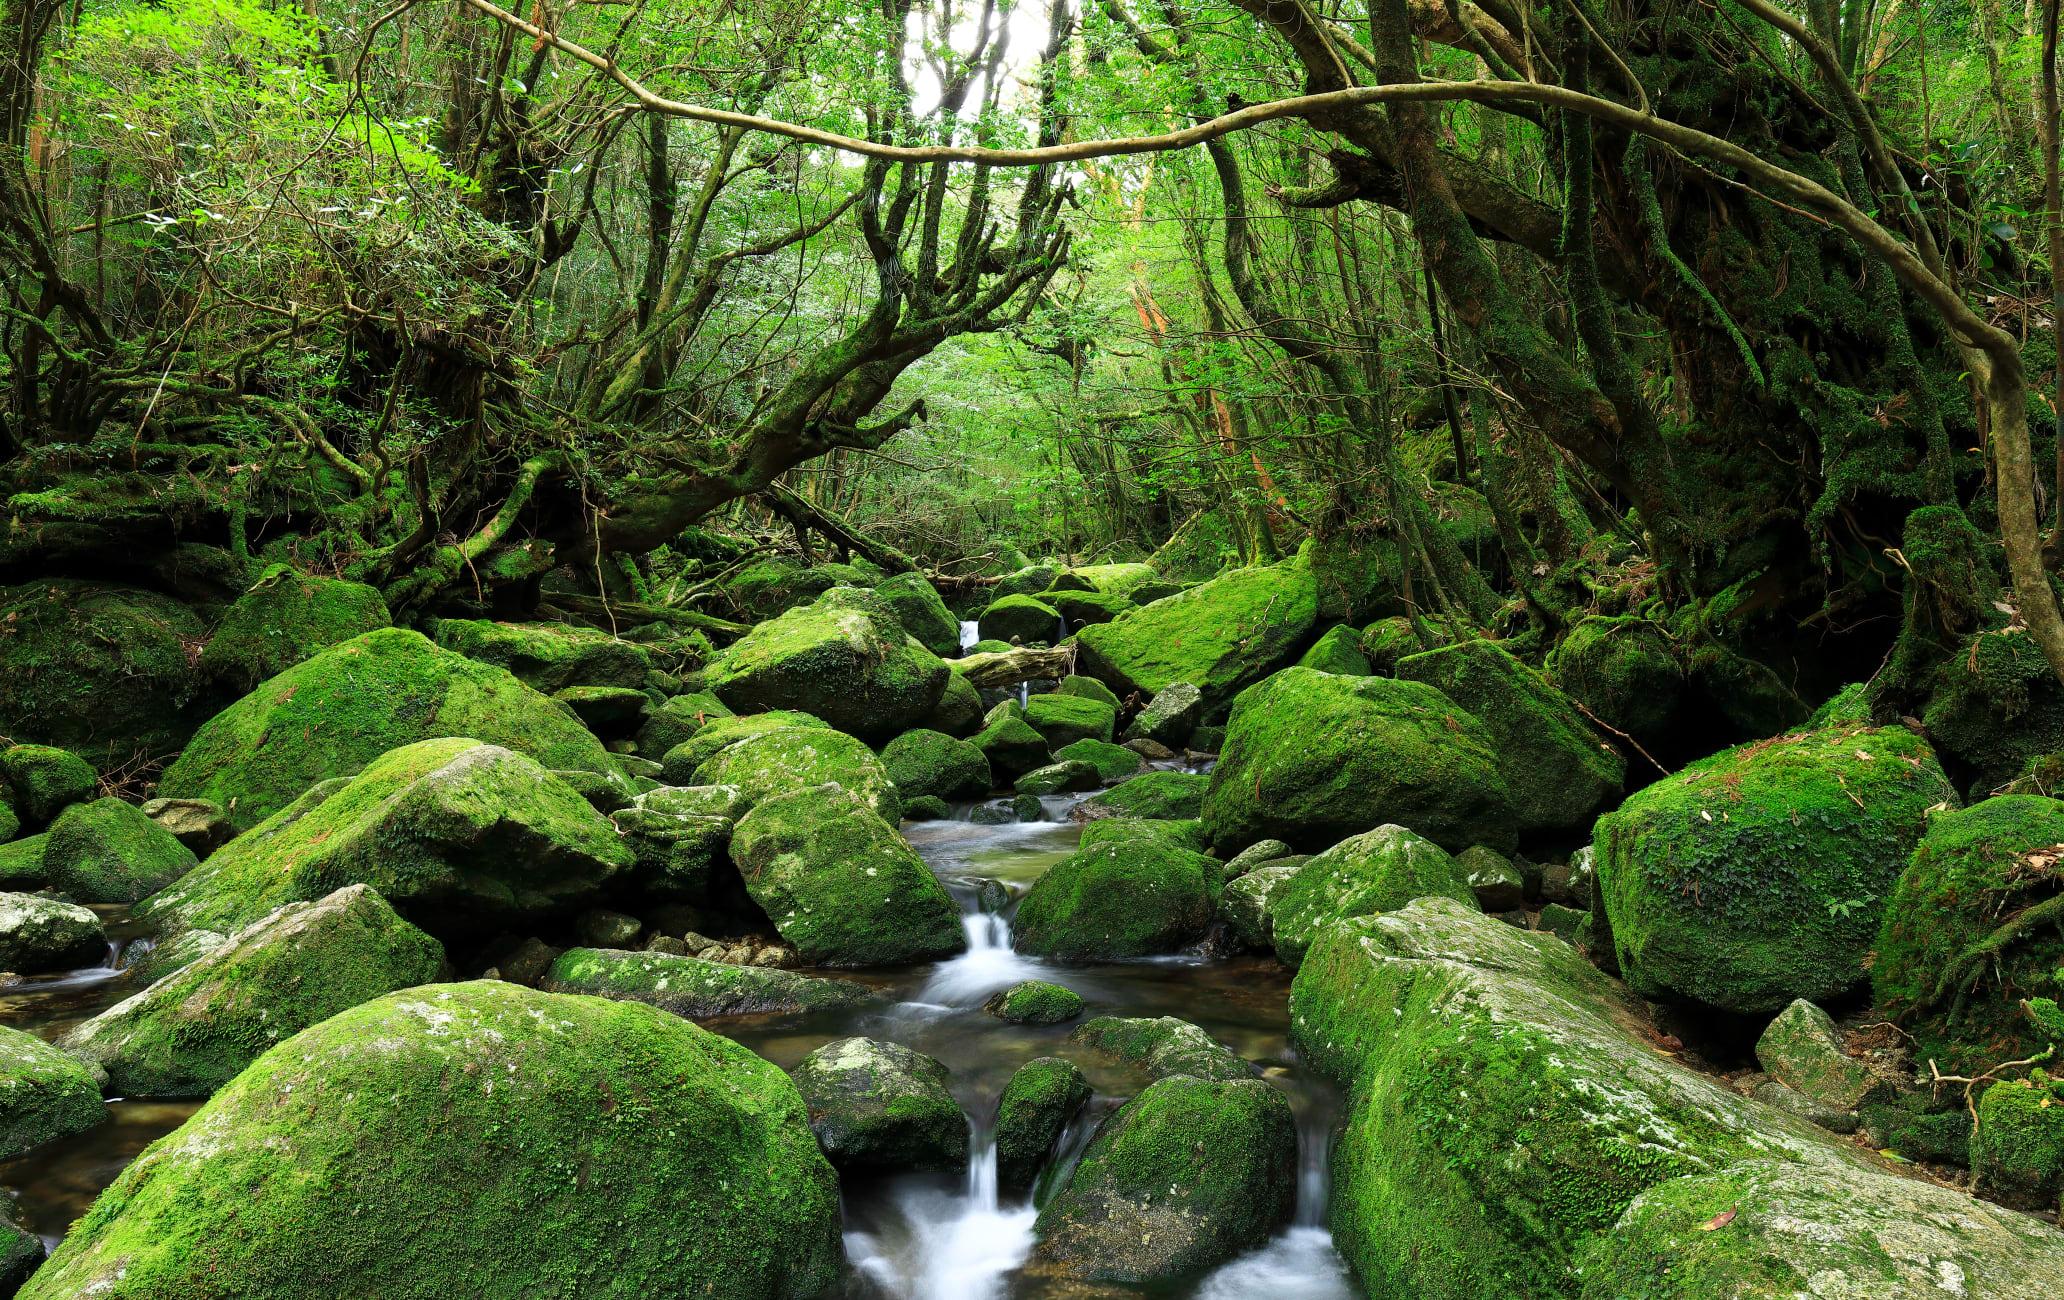 Shiratani Unsuikyo Ravine